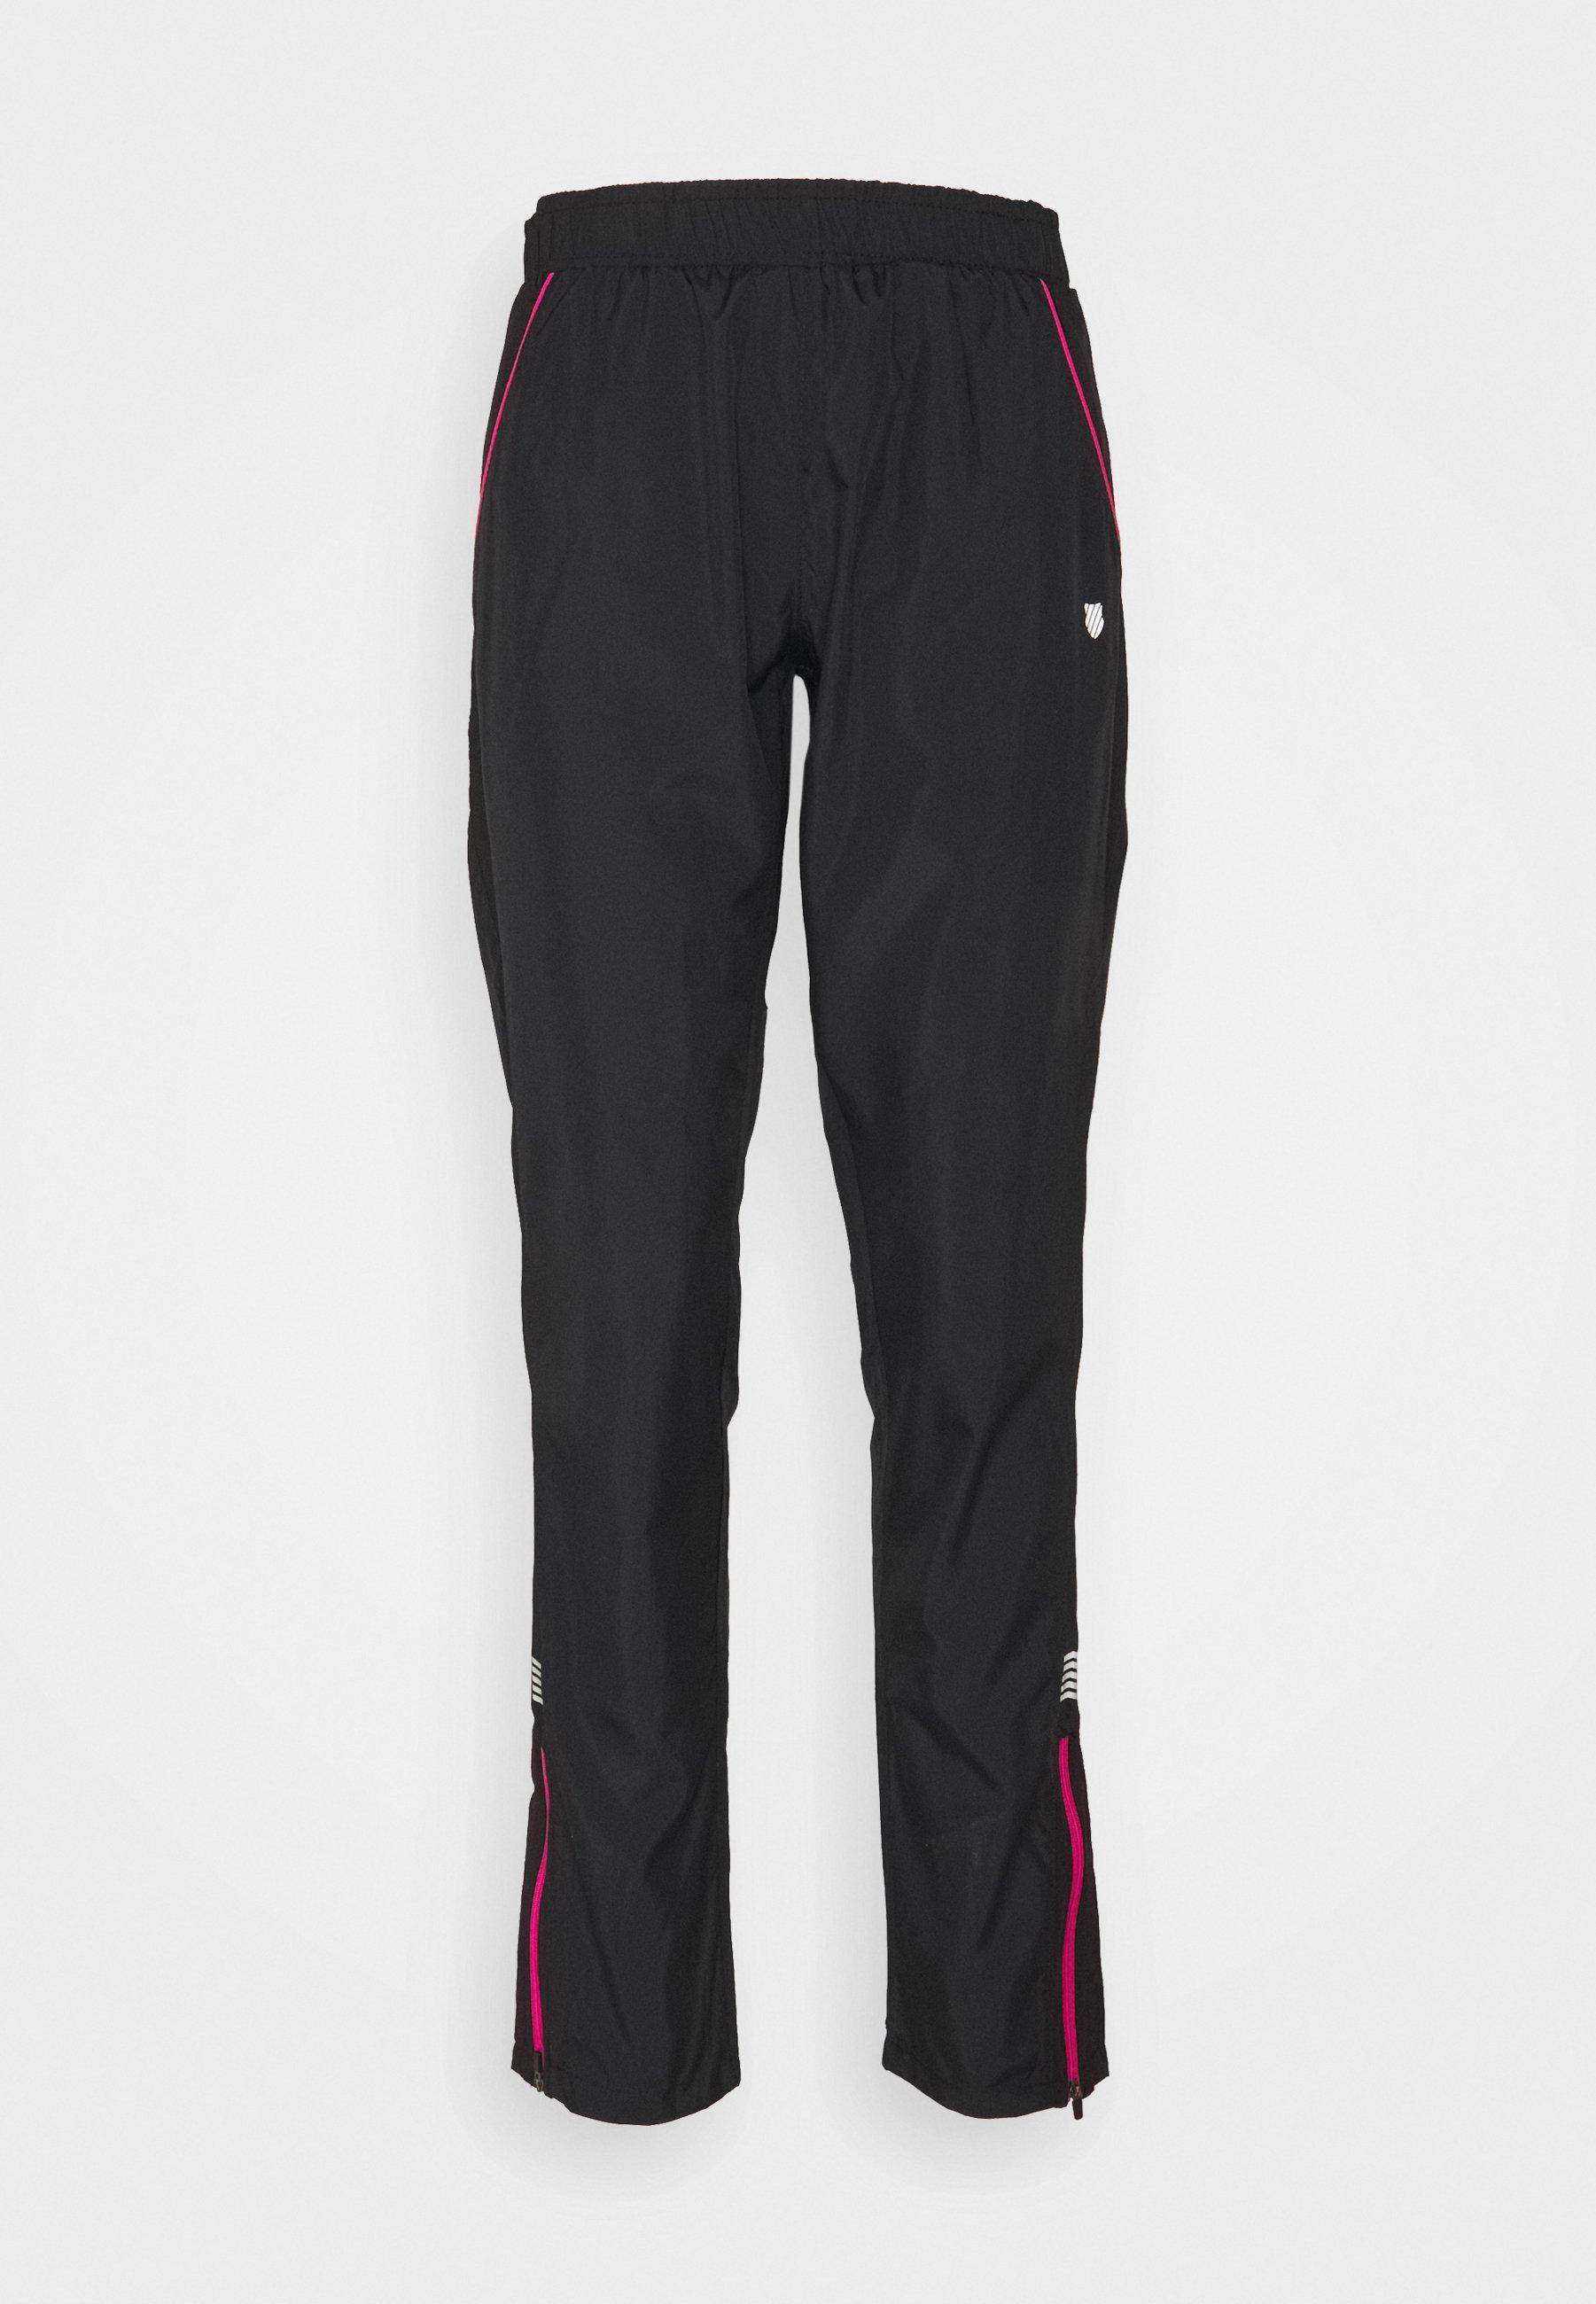 Femme HYPERCOURT WARM UP PANT - Pantalon classique